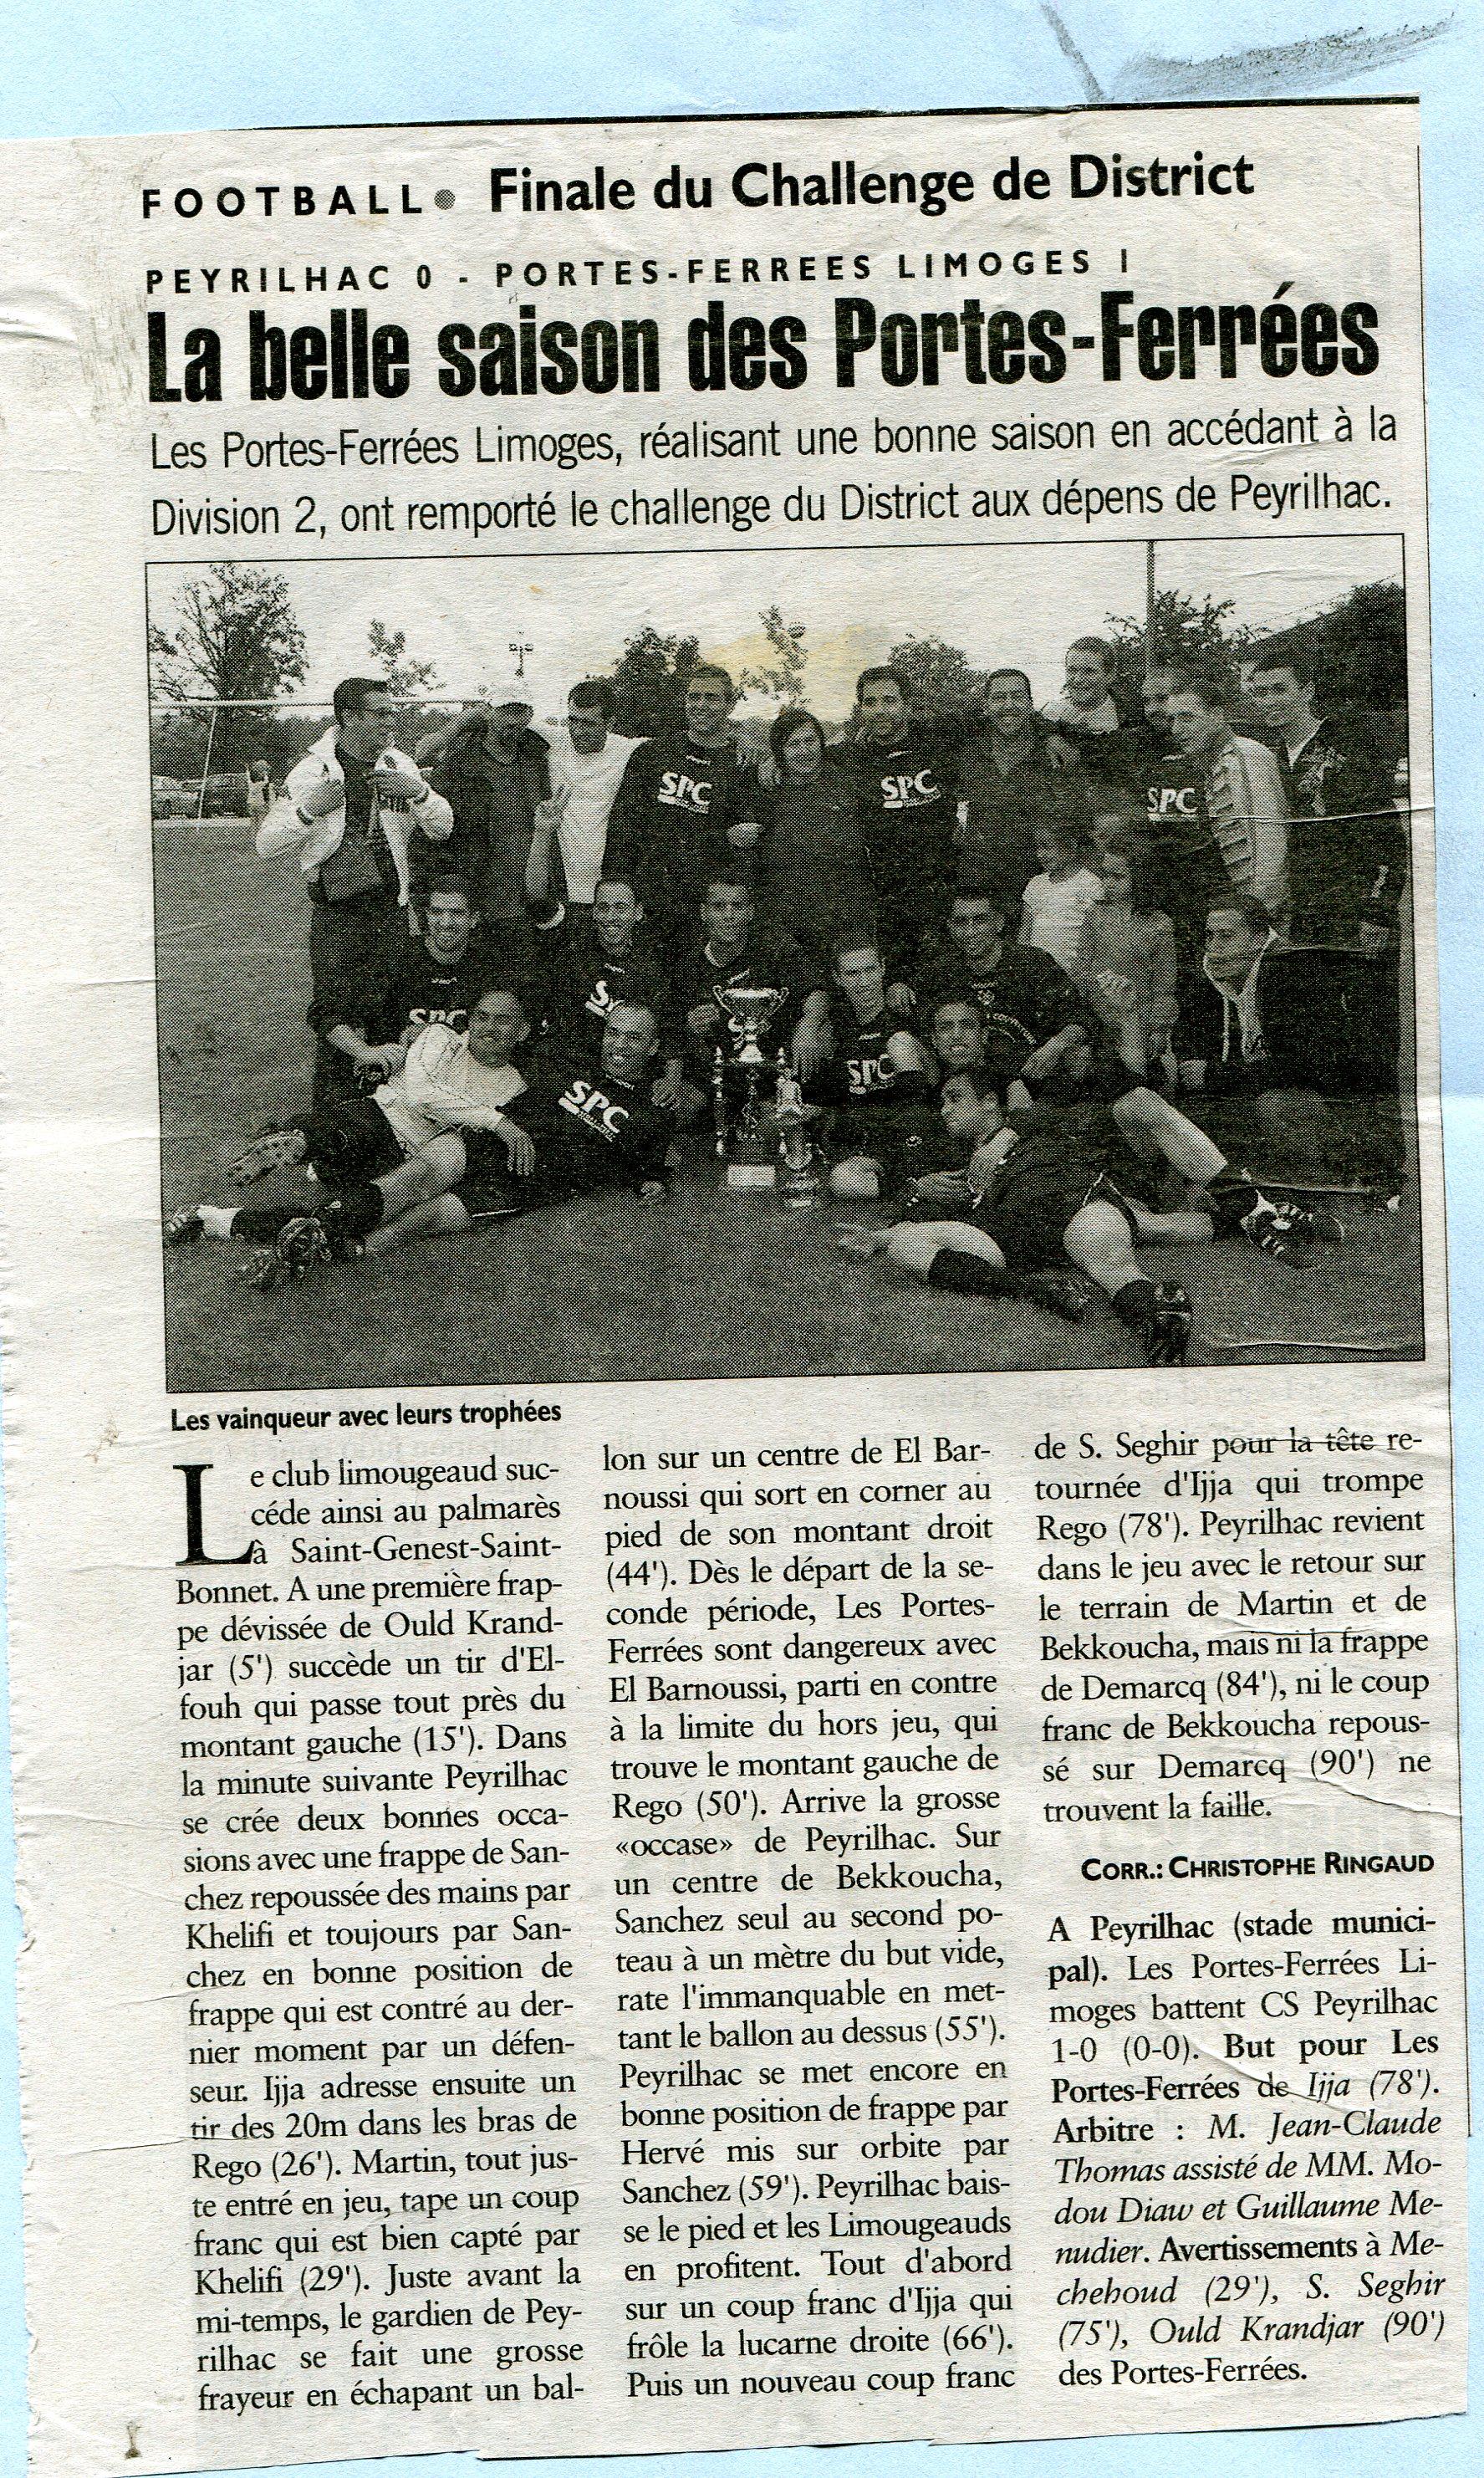 ARTICLE DU CHALLENGE DU DISTRICT 2007/2008